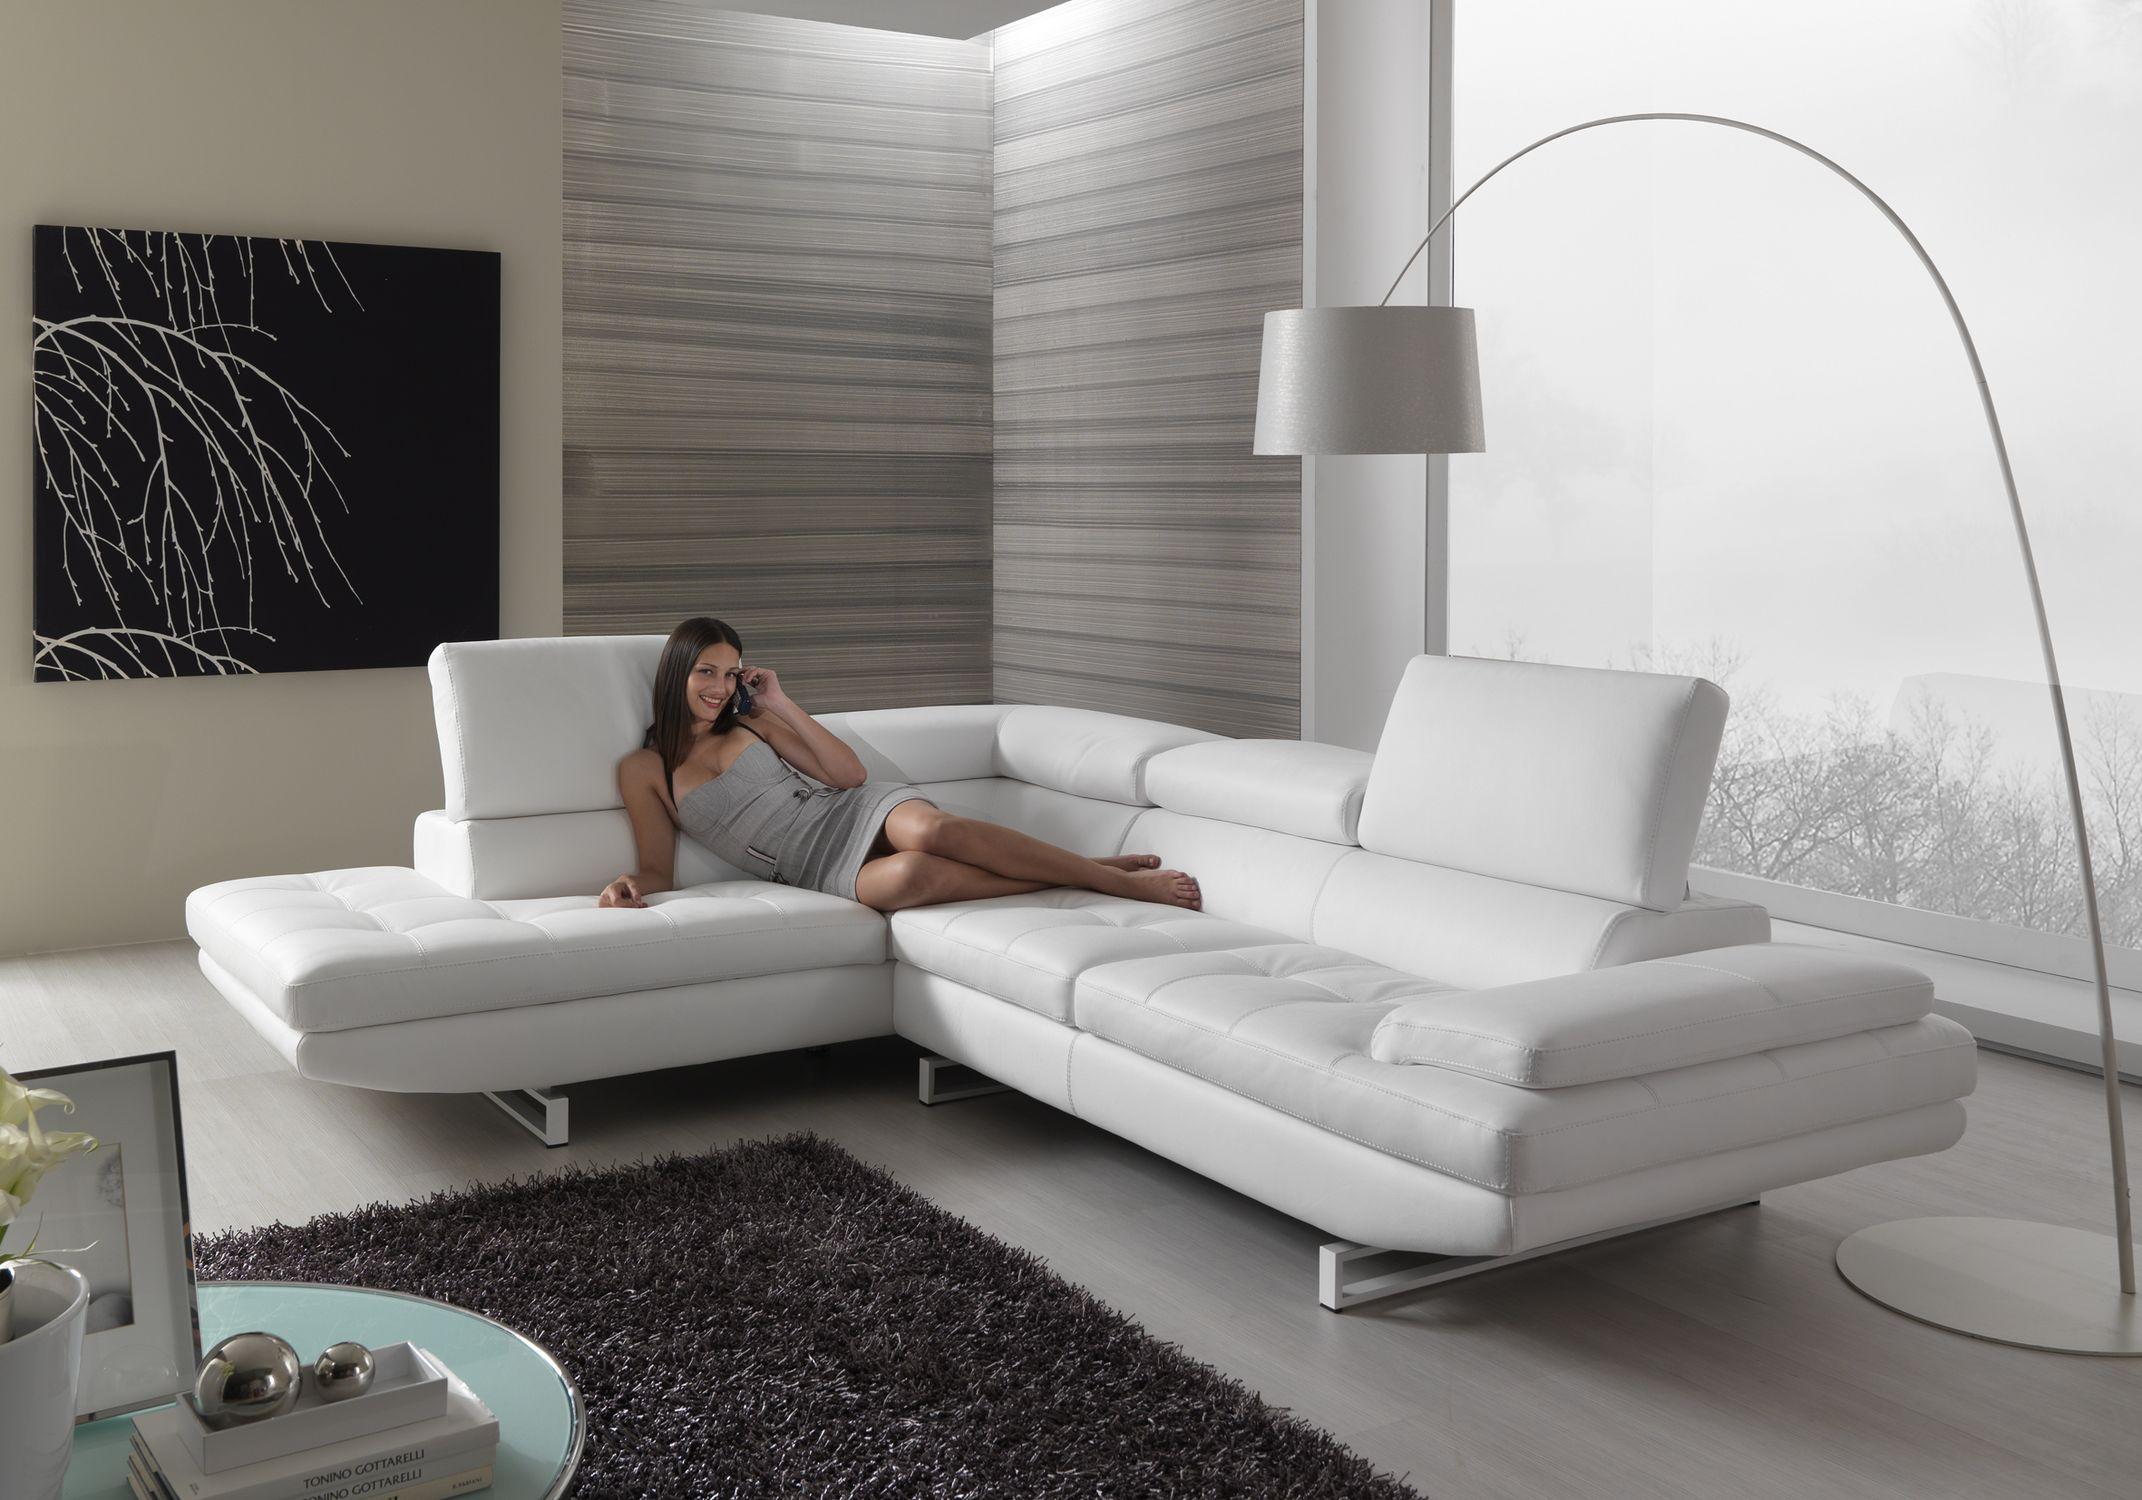 ri.me materassi molteni - vendita divani produzione propria - Reclinabile Divano Ad Angolo Chaise